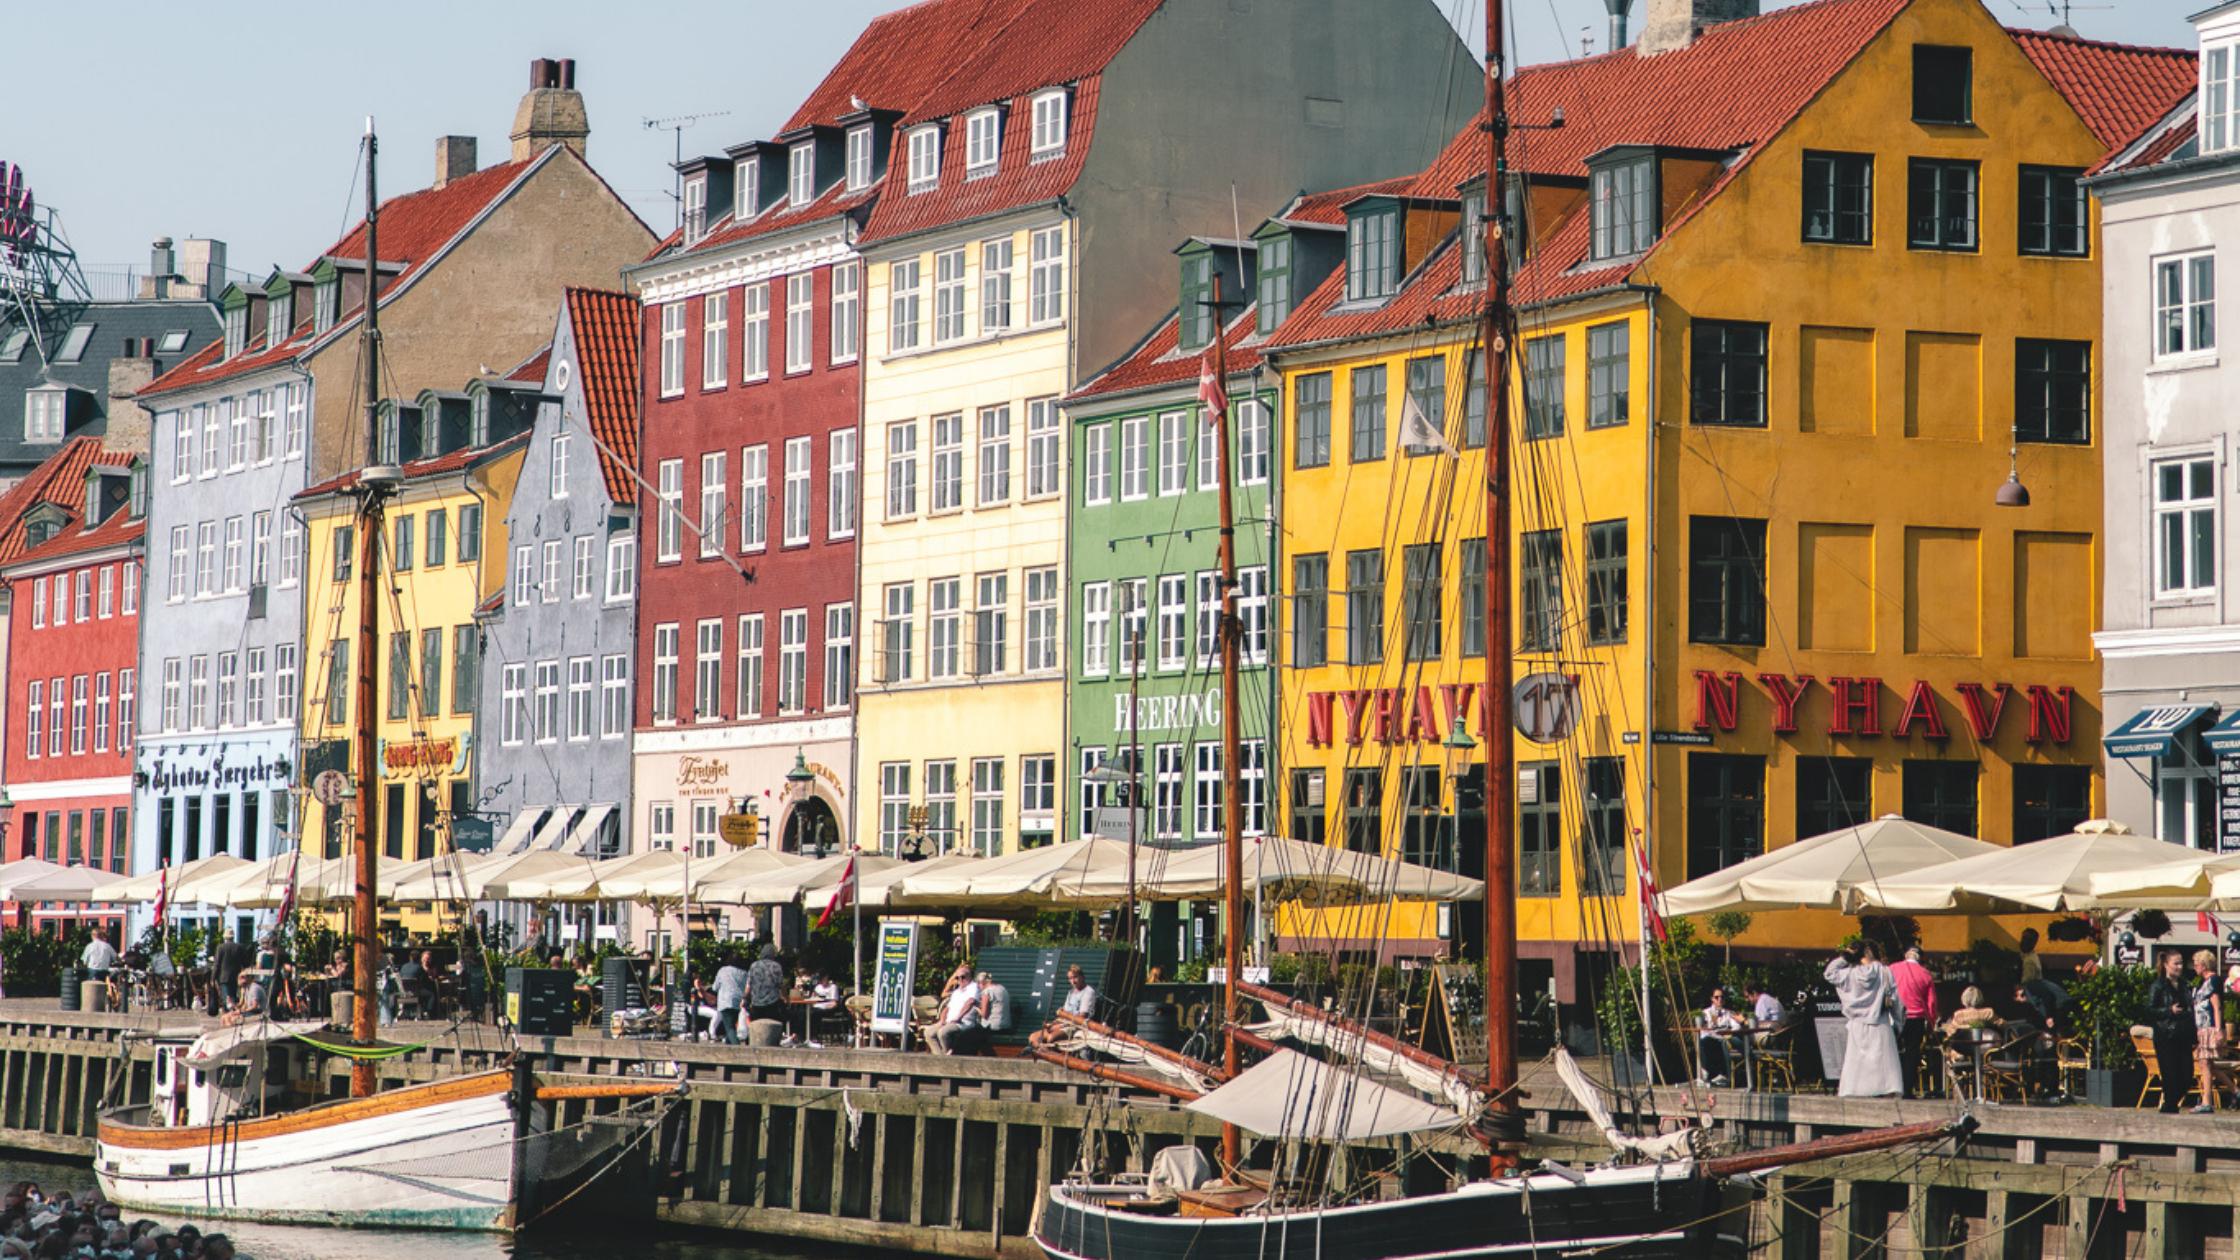 Nyhavn, a popular harbour in Copenhagen